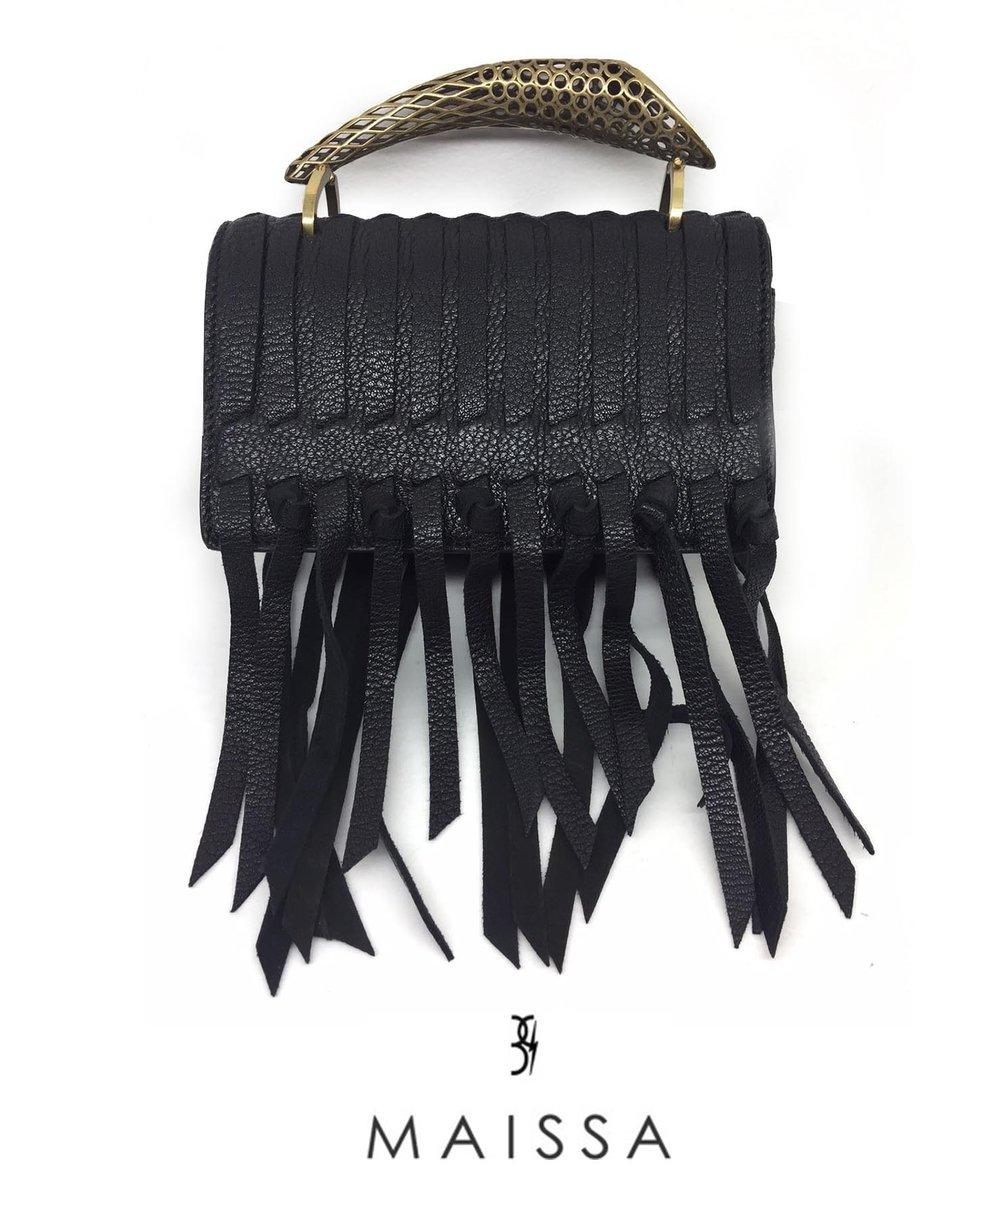 Copy of Maissa handbags at Mariana Antinori